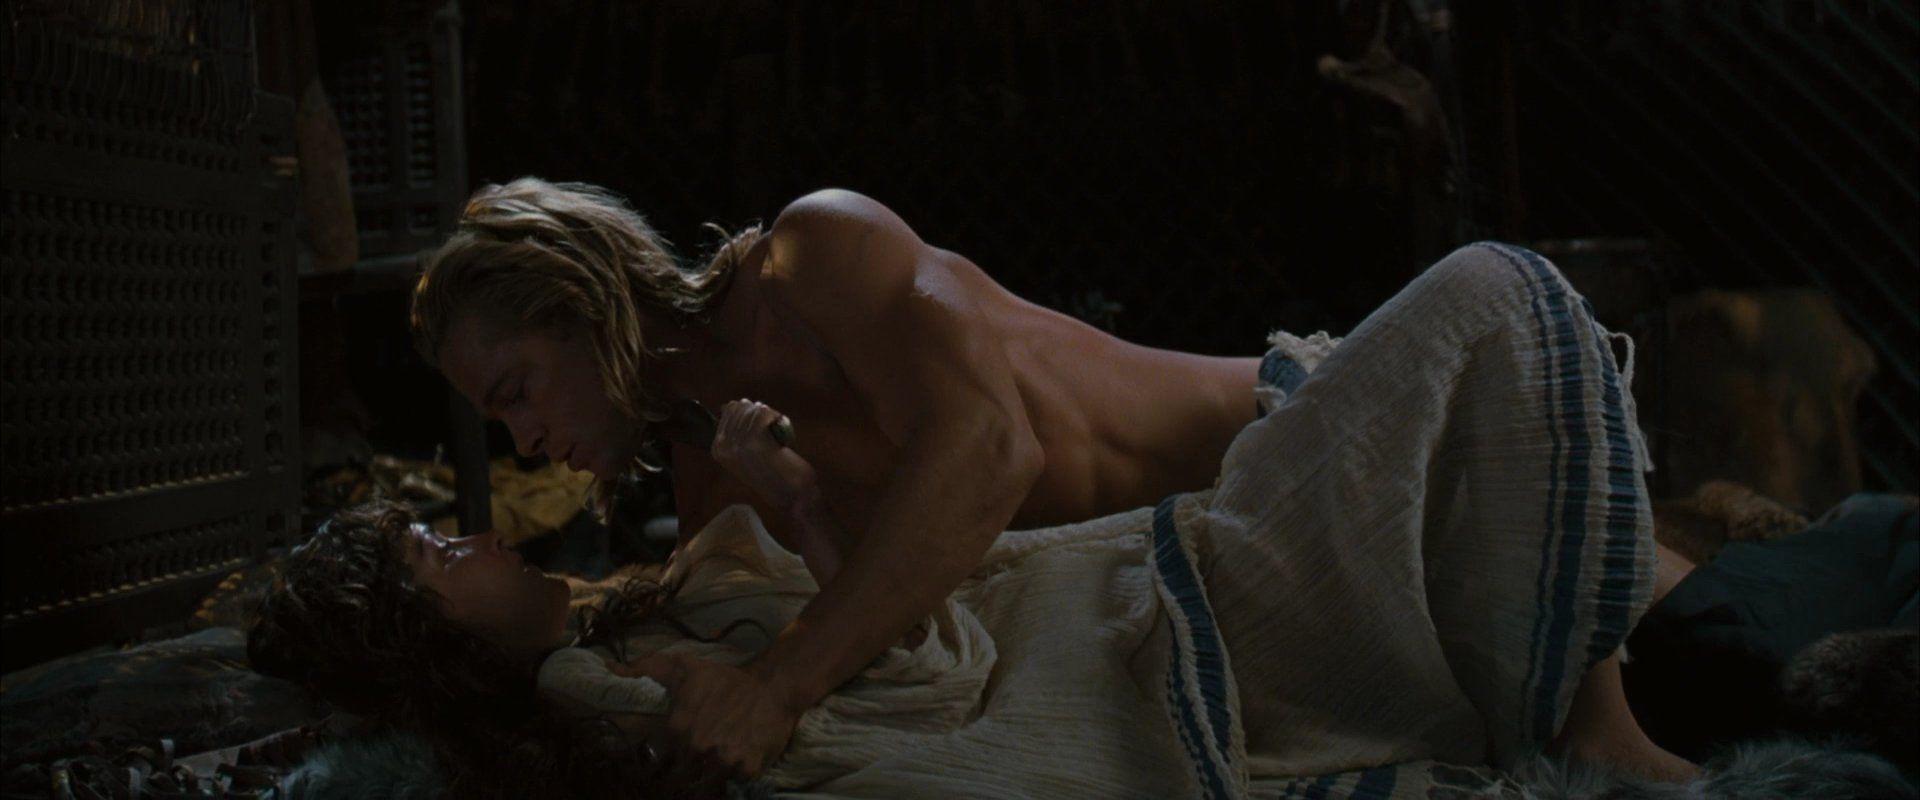 Black Troy Sex Scene